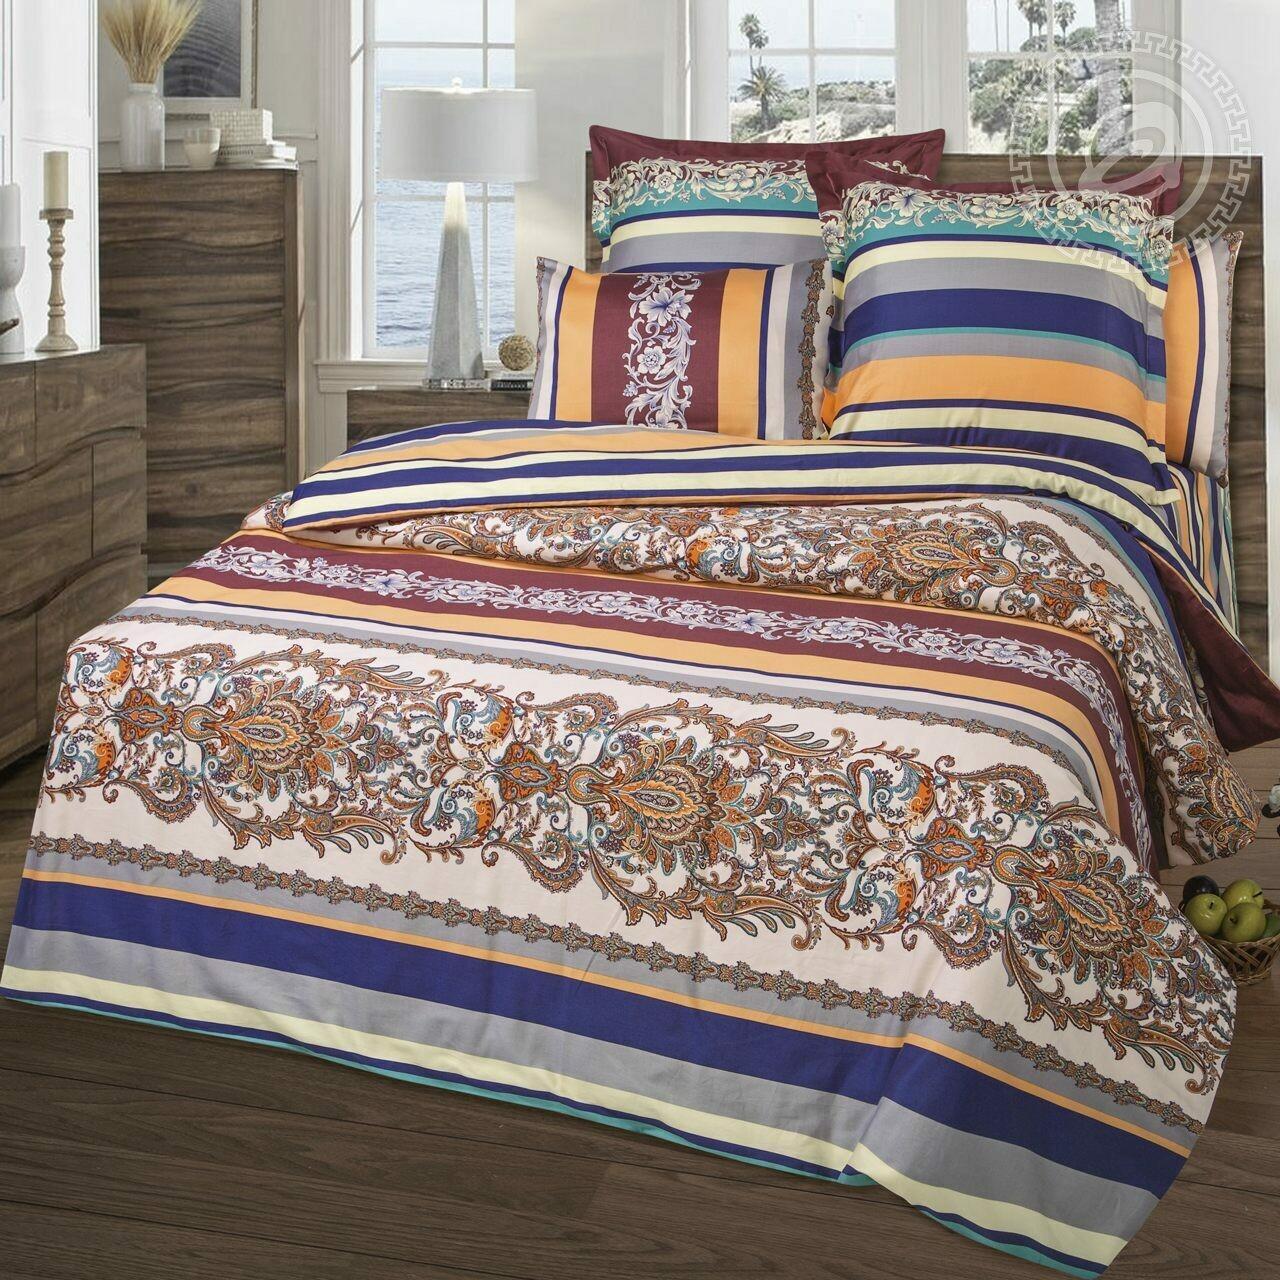 Яхонт - Premium  (Комплекты постельного белья)